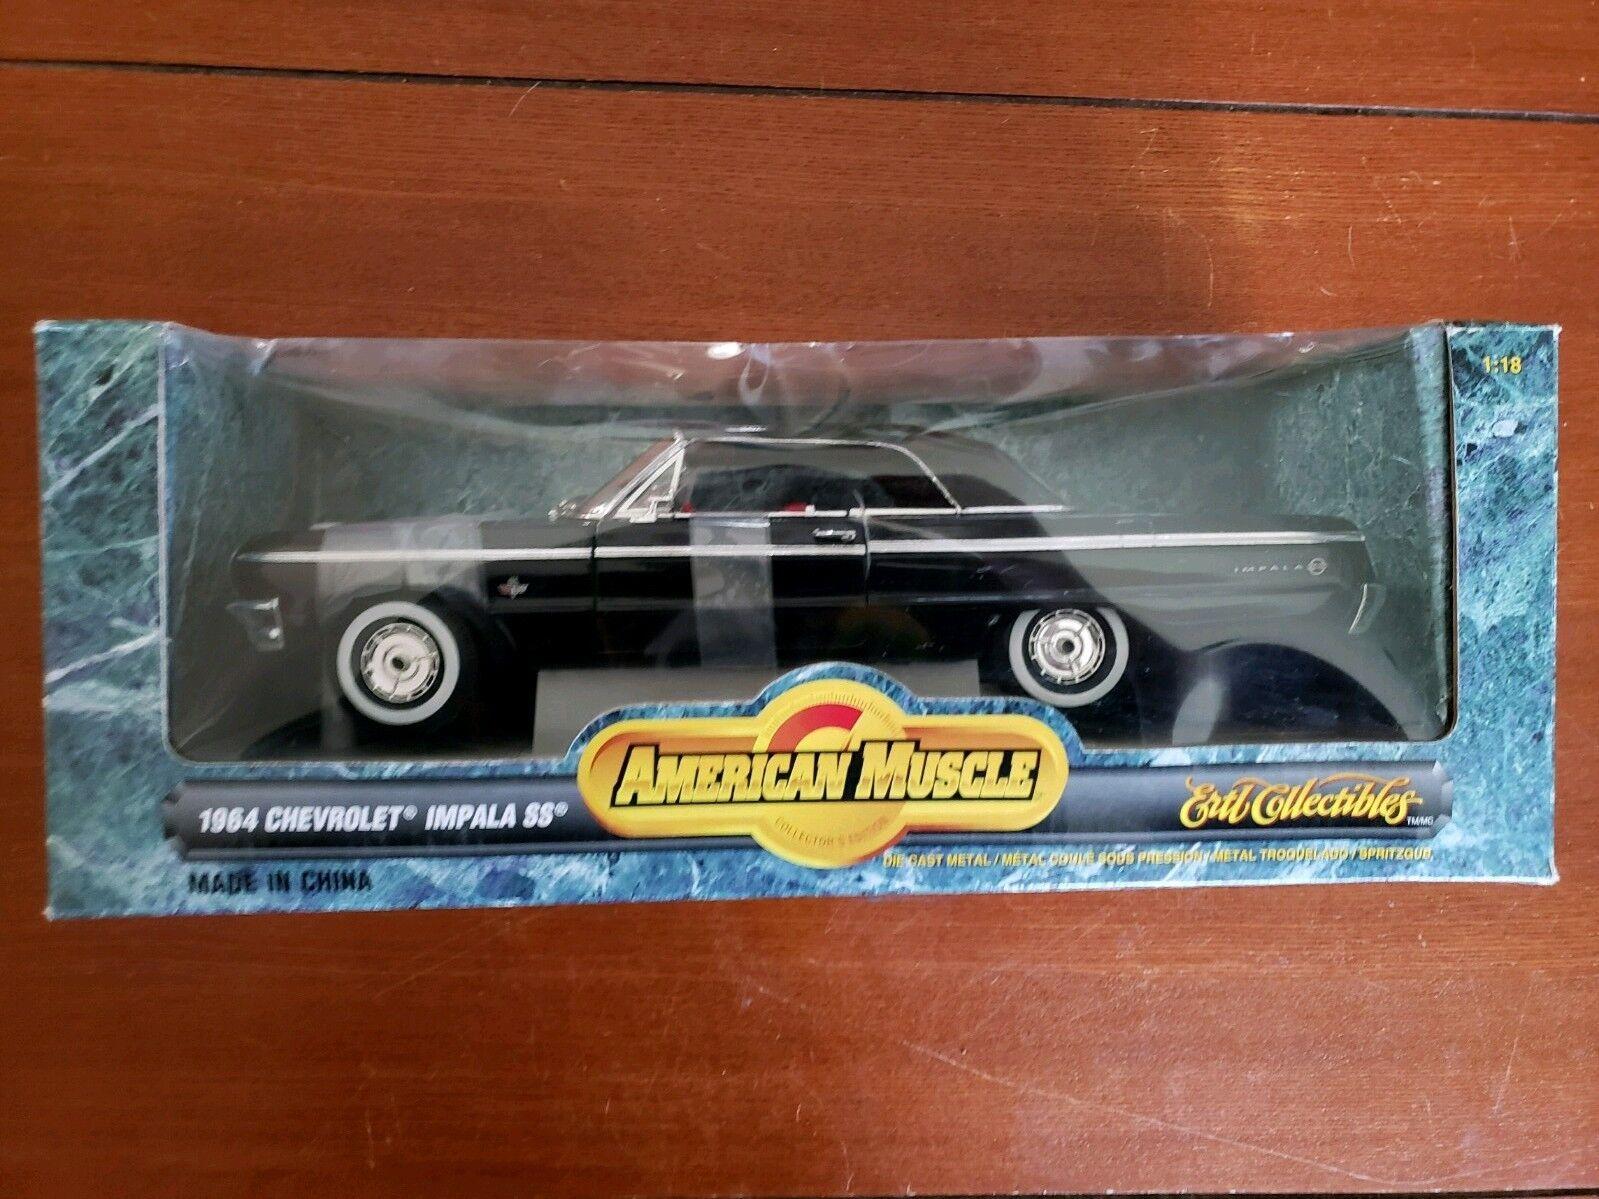 entrega rápida Chevy 1 18  1964 1964 1964    Impala SS  Negro  Ertl American Muscle   1998 año de producción  punto de venta en línea